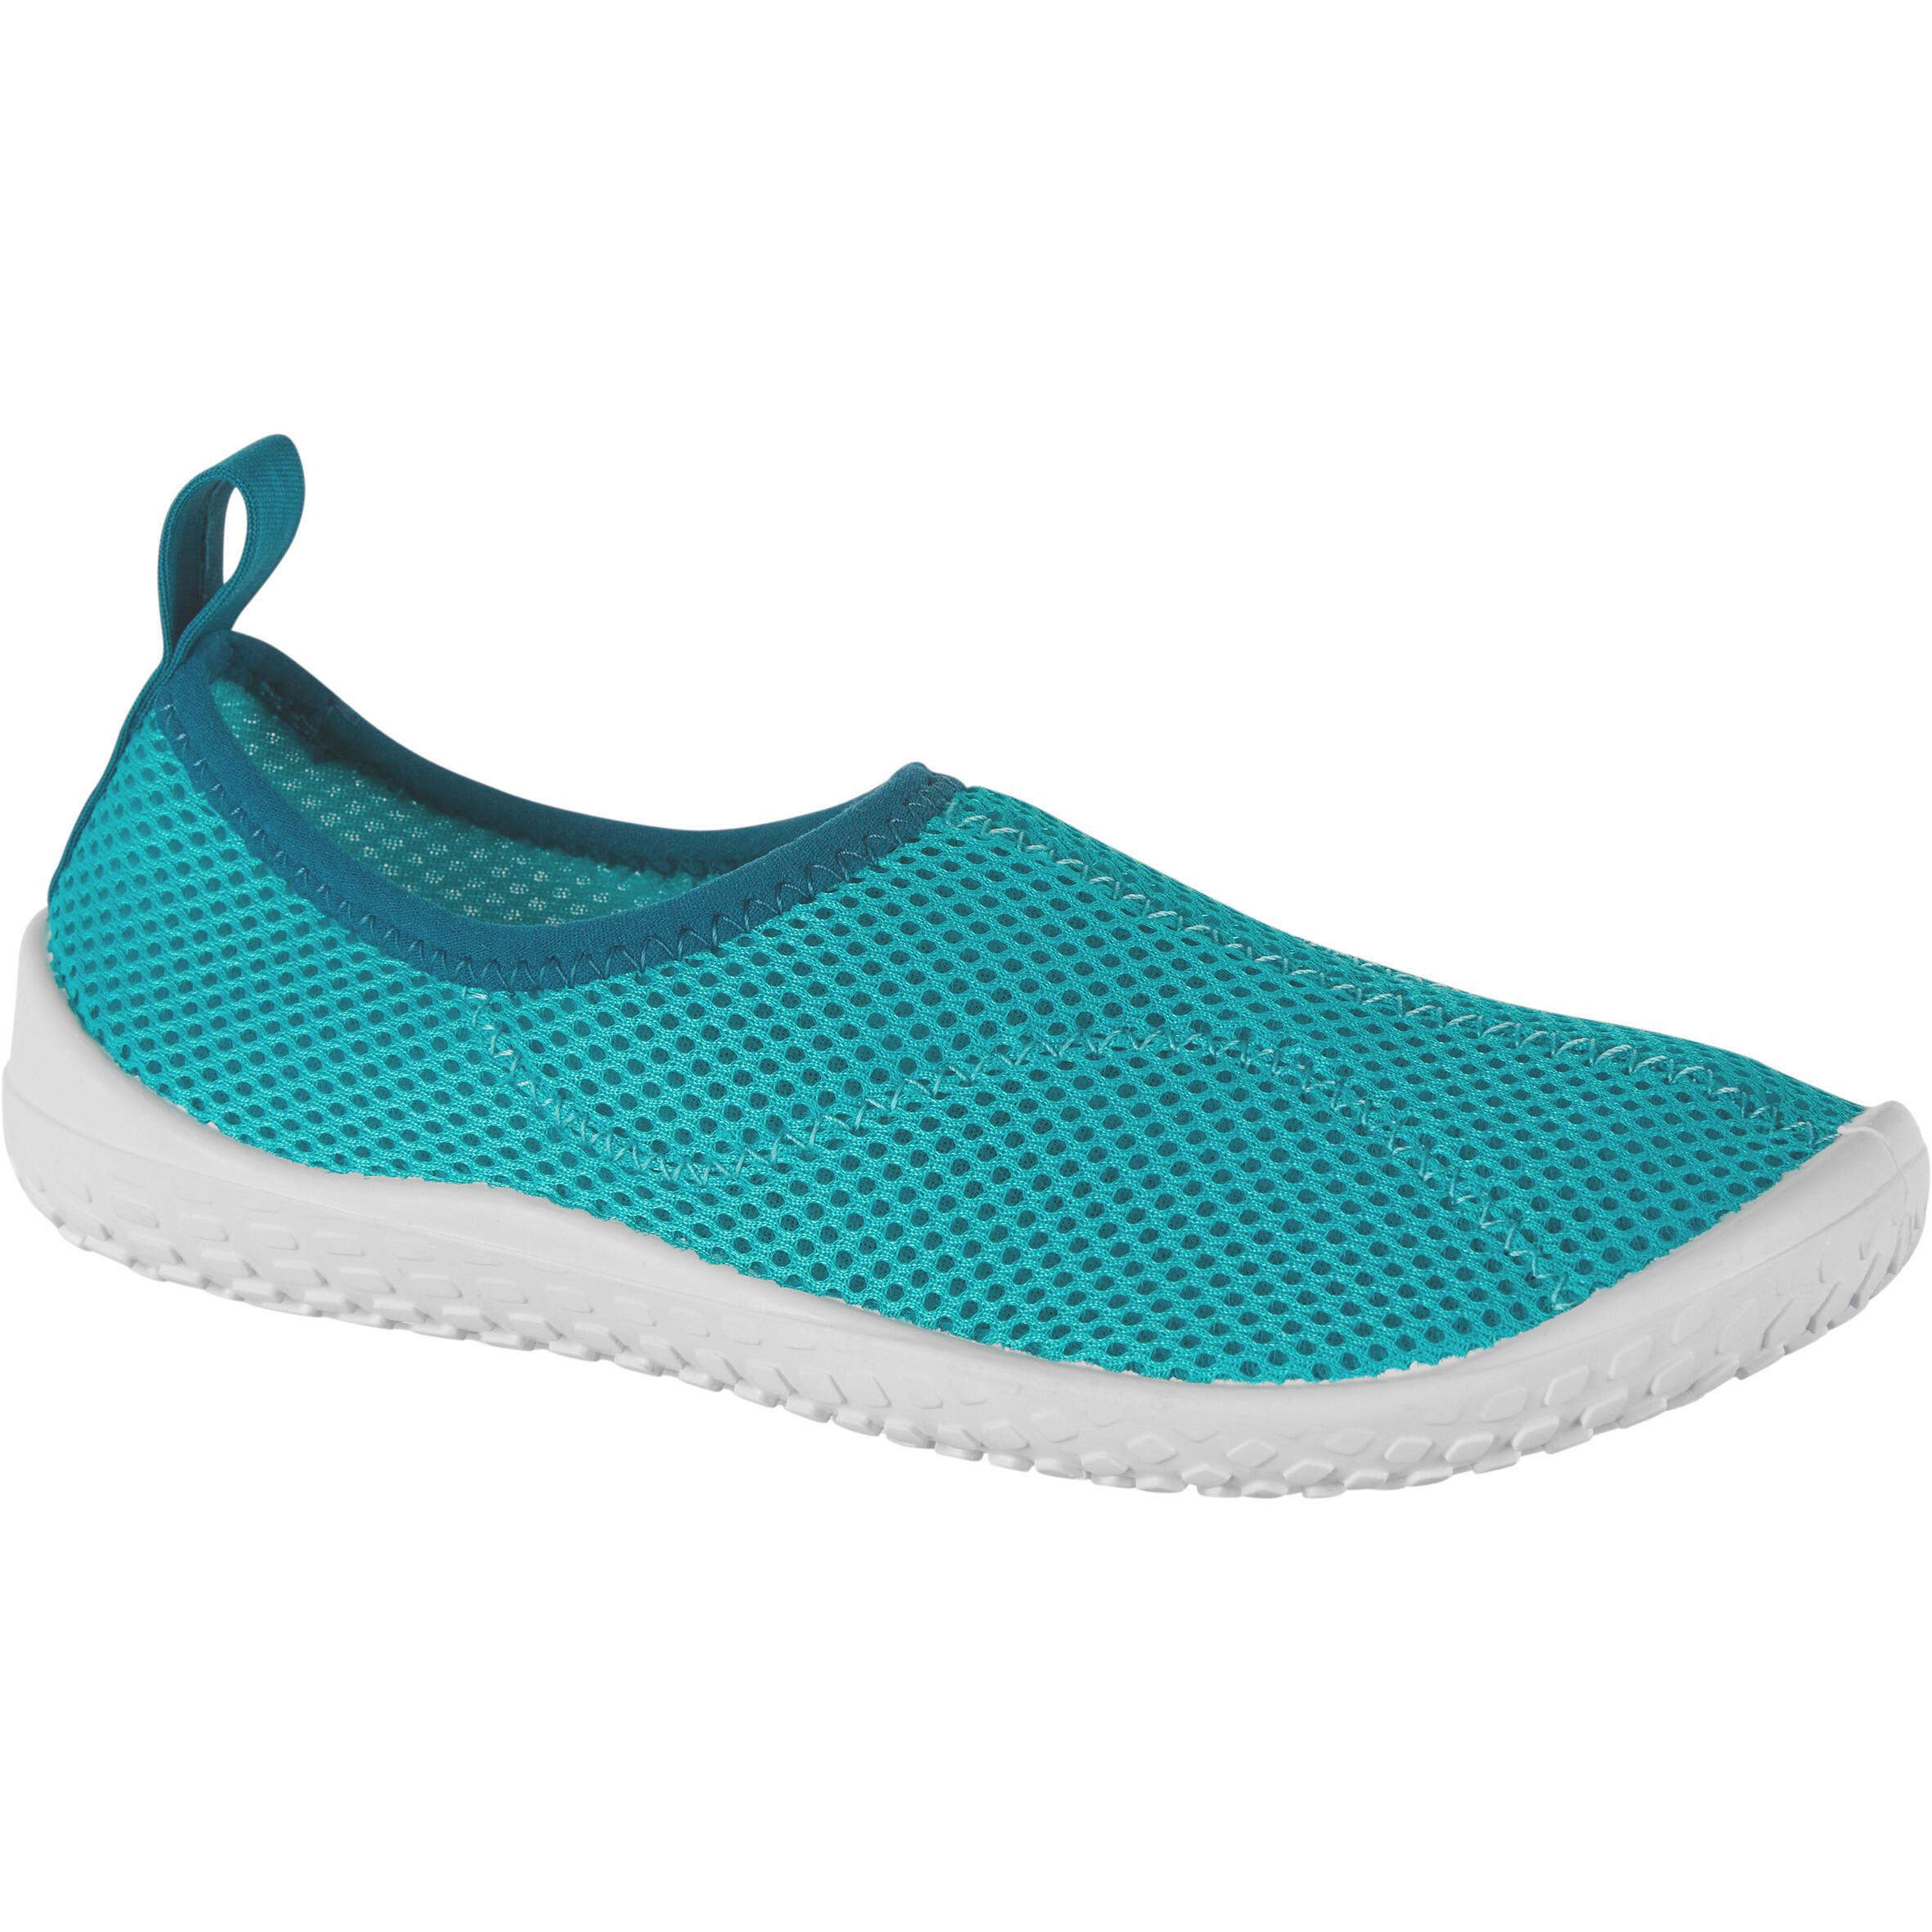 Încălțăminte Aquashoes 100 la Reducere poza